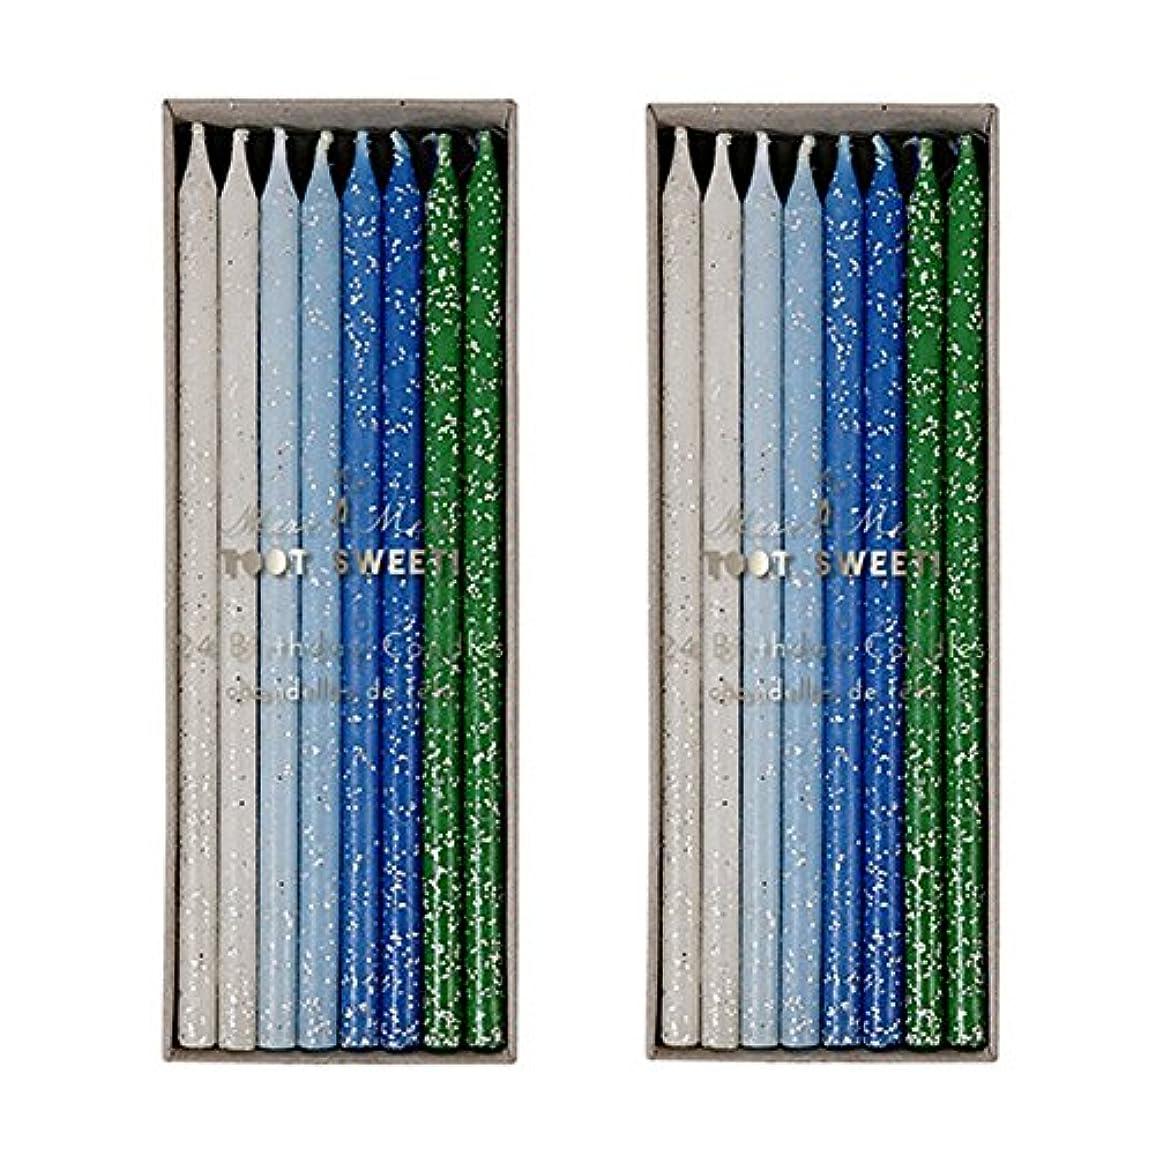 チャーター許される夏Meri Meri Birthday Candles 2つpack-48キャンドル ブルー